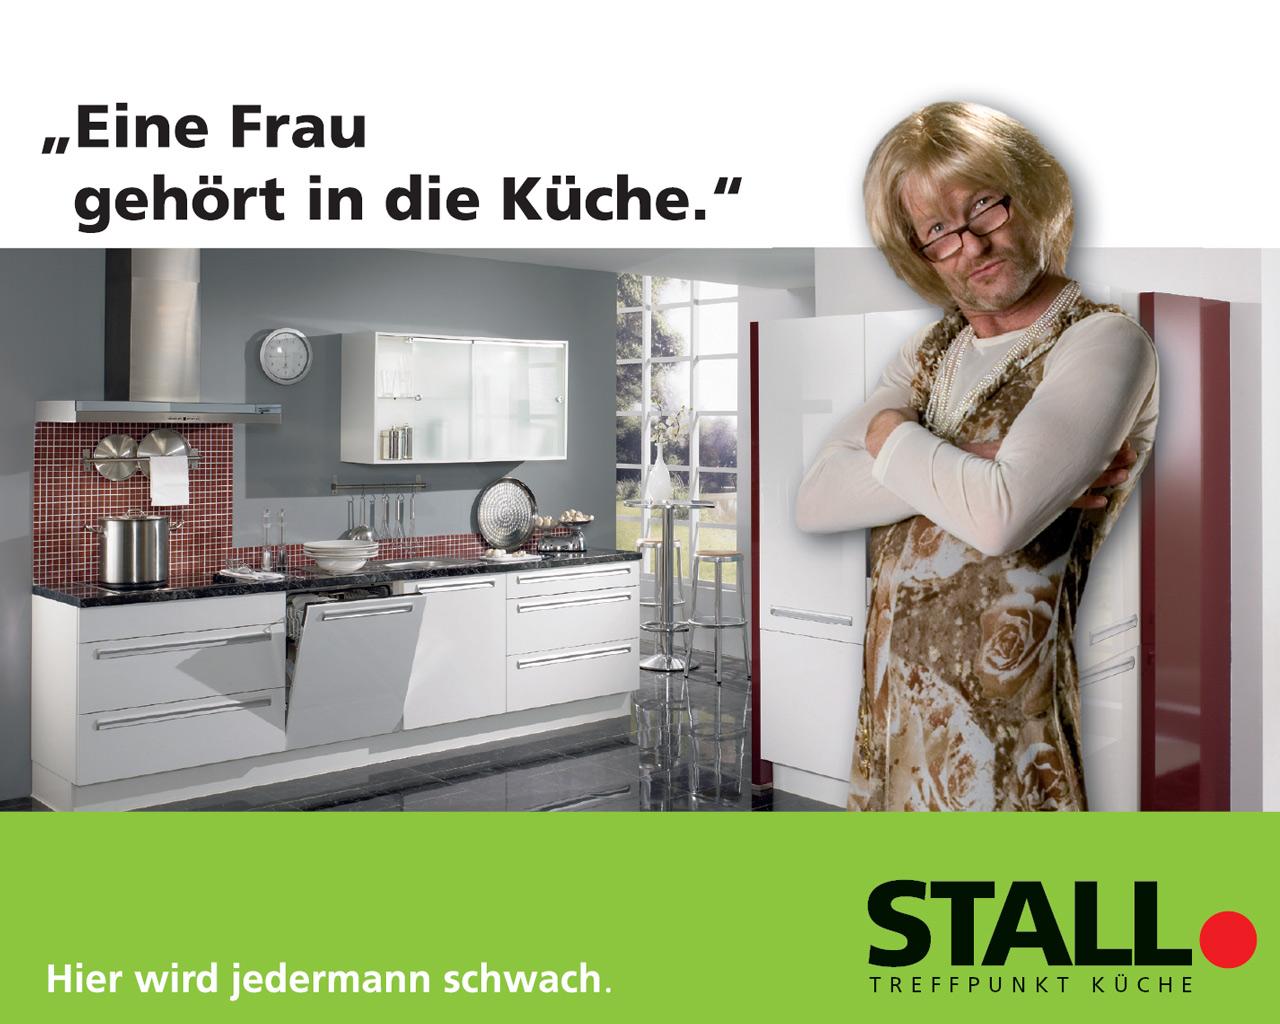 Eine Frau gehört in die Küche